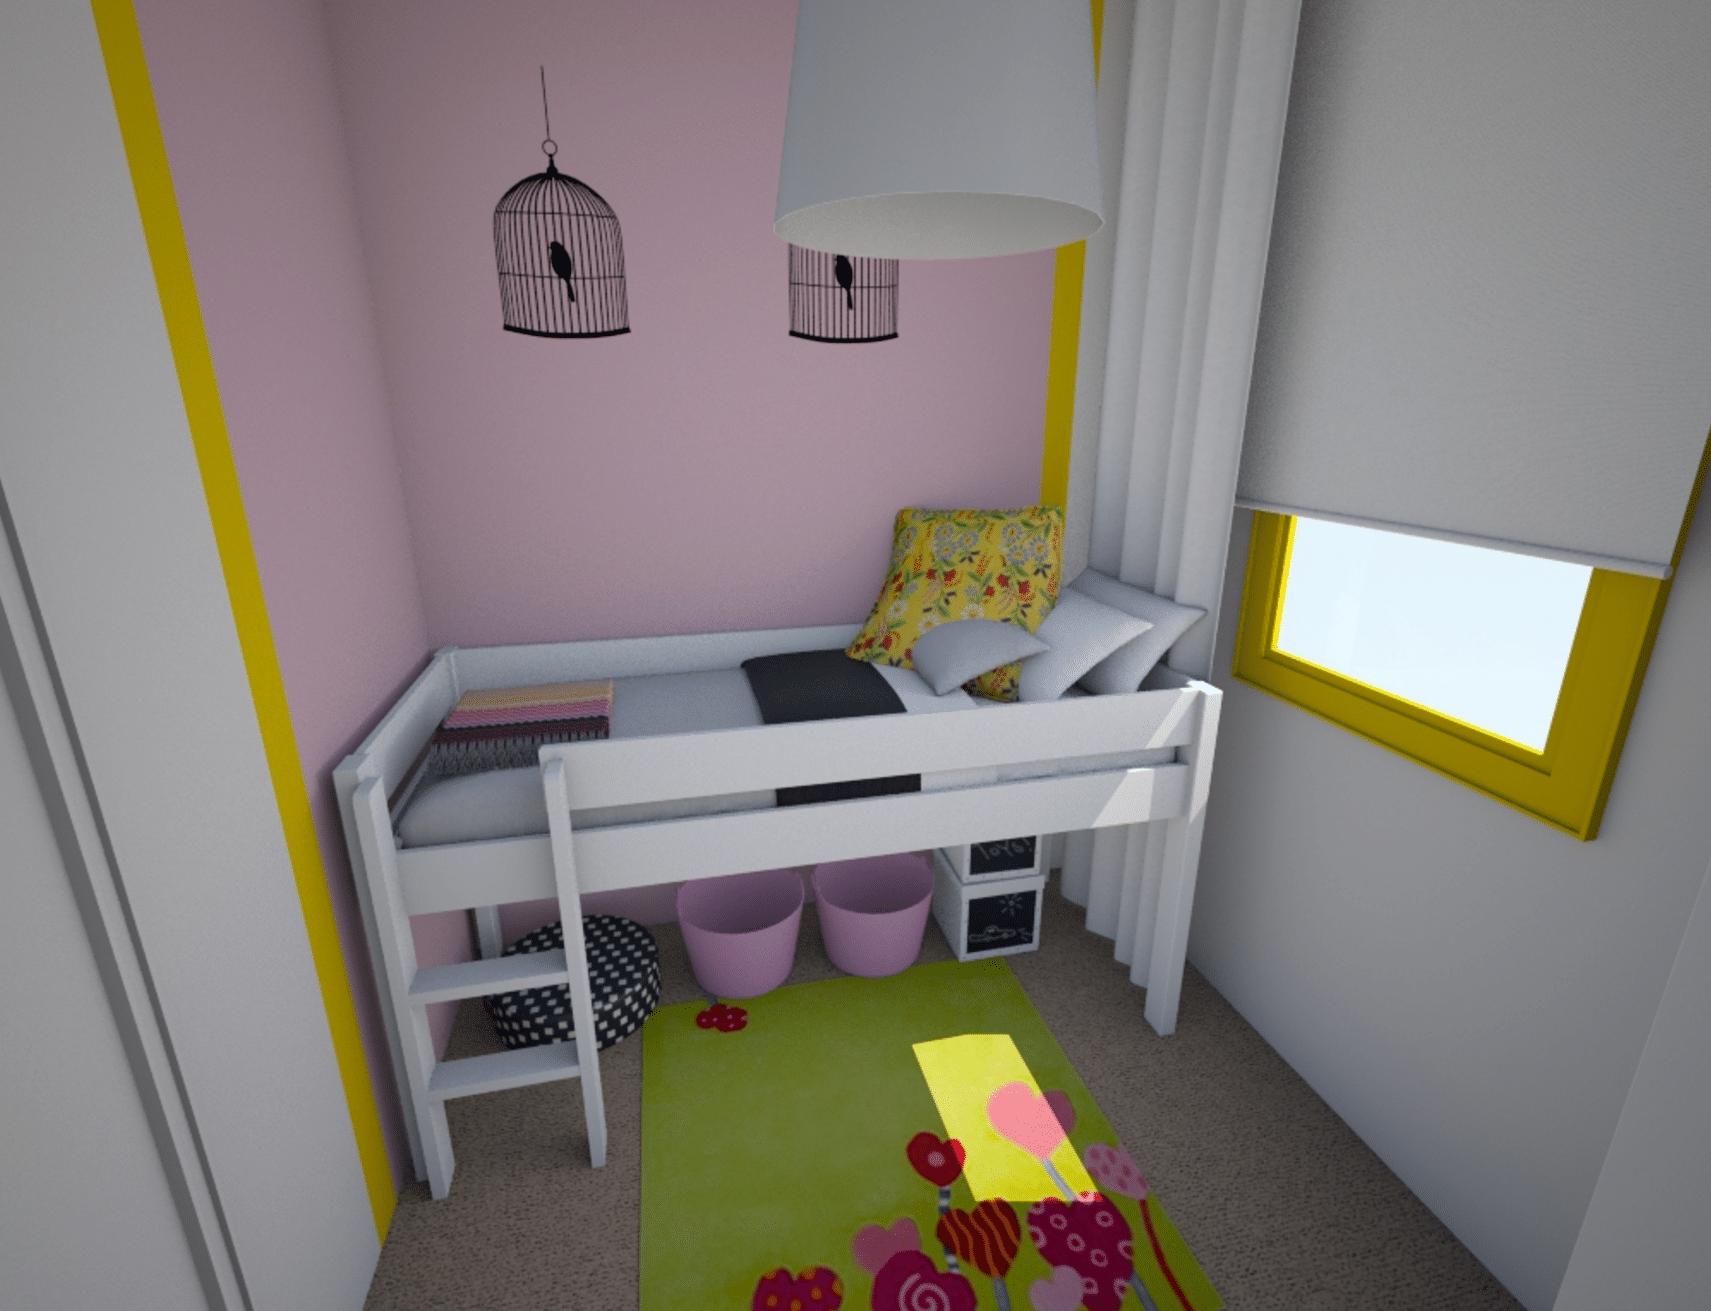 Bedroom - 3D view